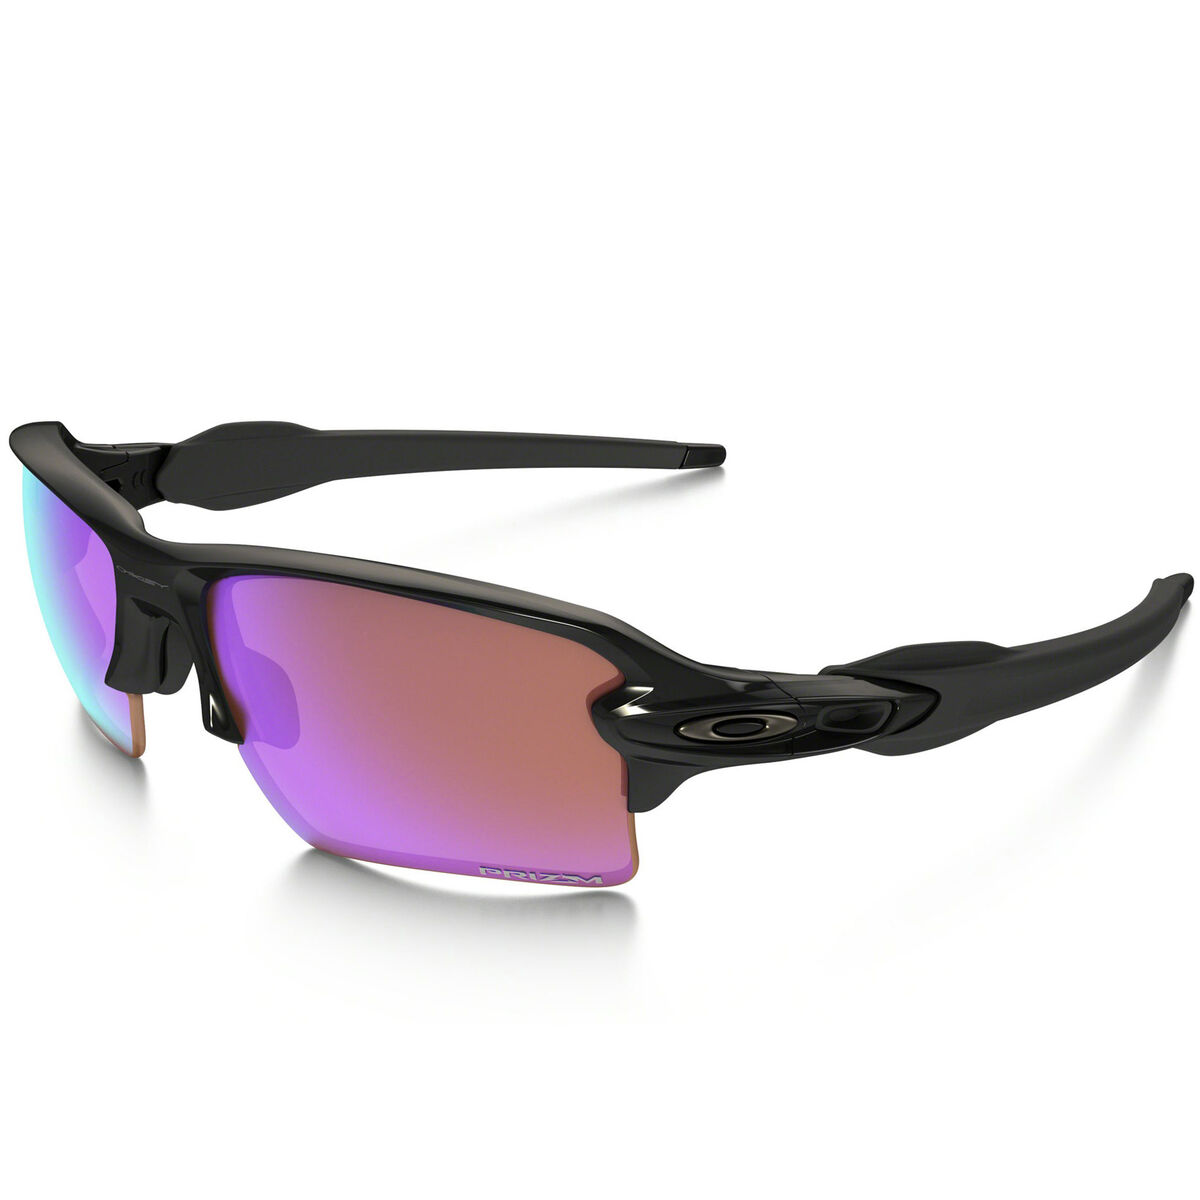 ec18cf2763 Images. Oakley Prizm Golf Flak 2.0 XL Sunglasses